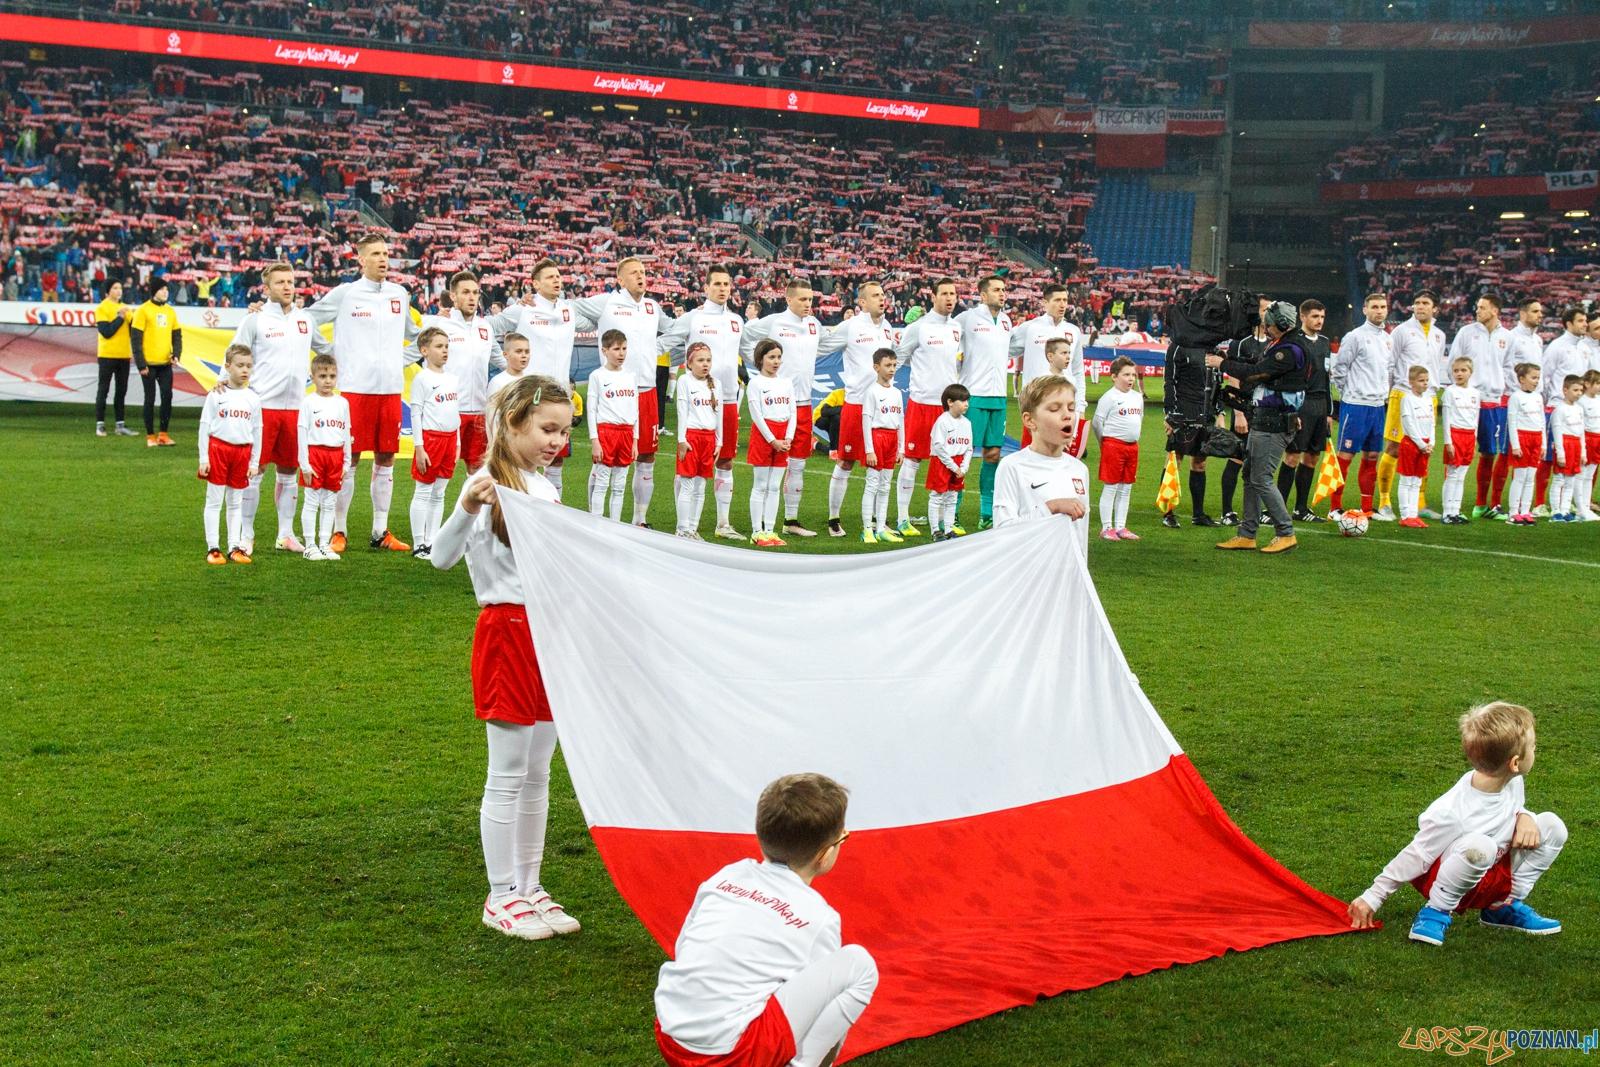 Mecz towarzyski: Polska - Serbia 1:0 - Poznań 23.03.2016 r.  Foto: LepszyPOZNAN.pl / Paweł Rychter